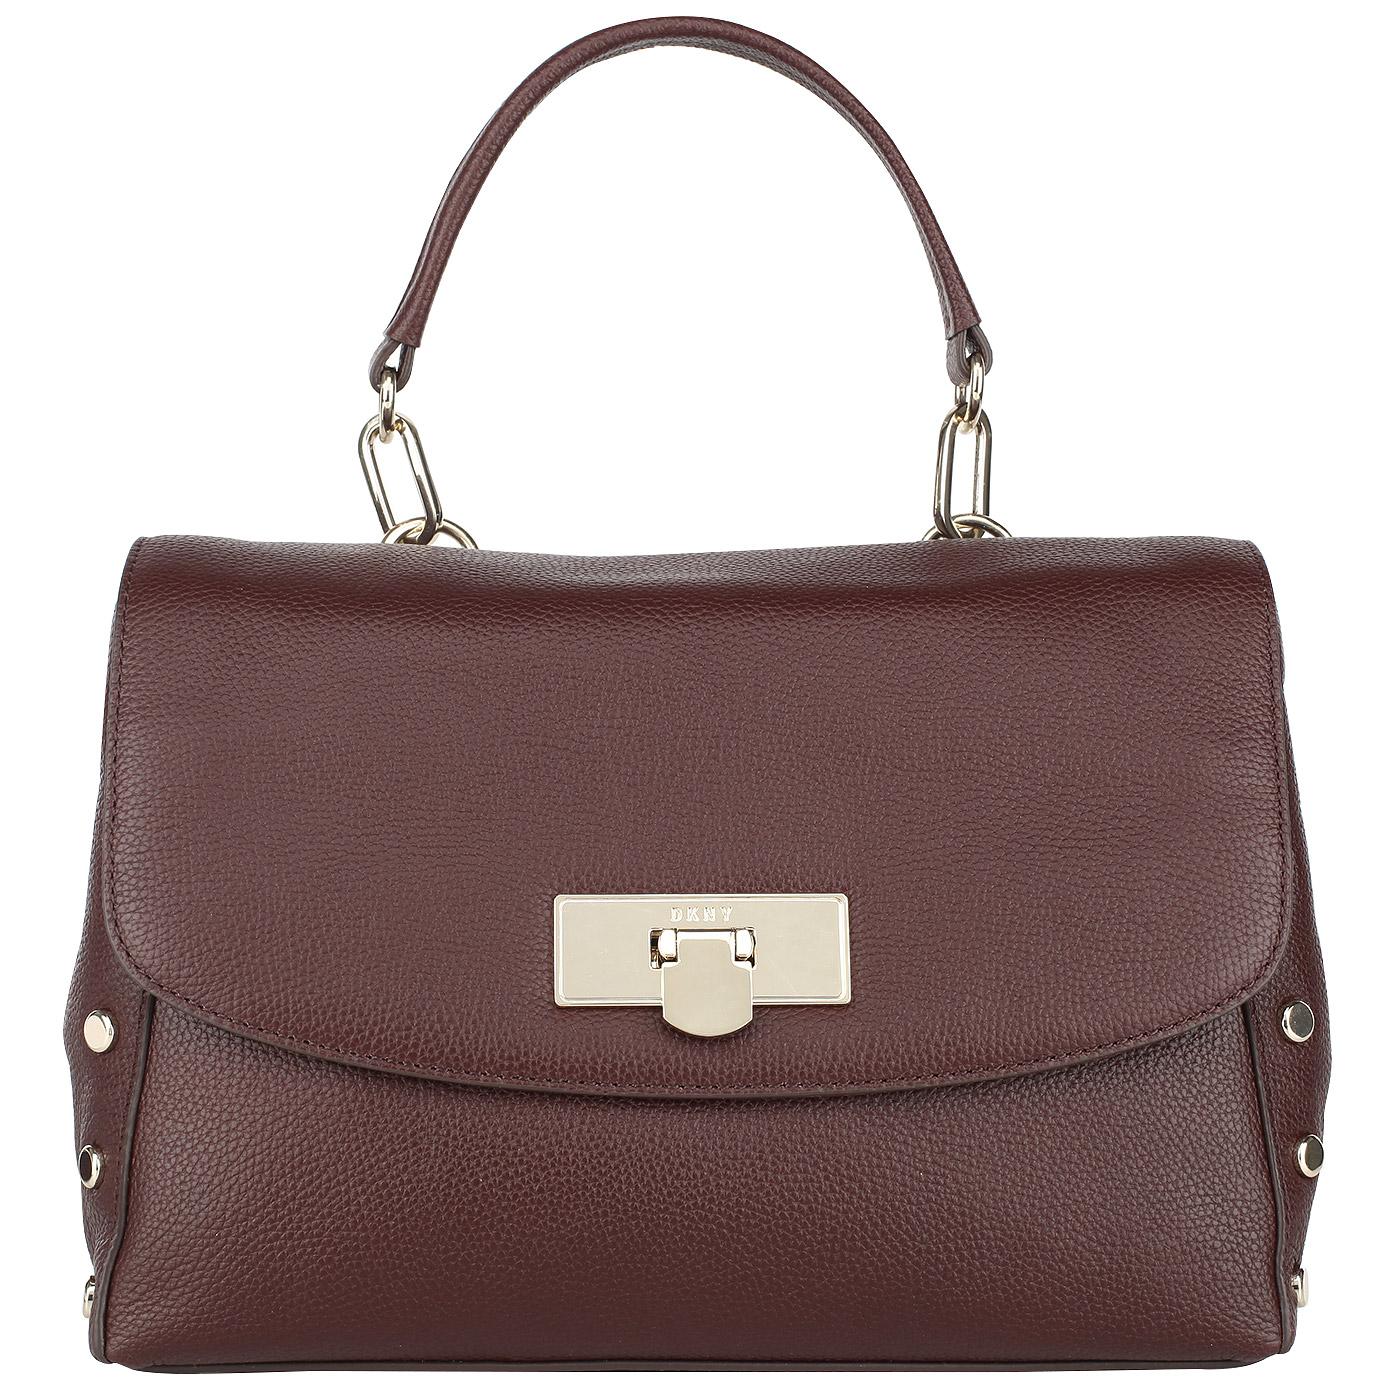 49148601531f Женская кожаная сумка бордового цвета DKNY Chelsea R3121061-636 ...